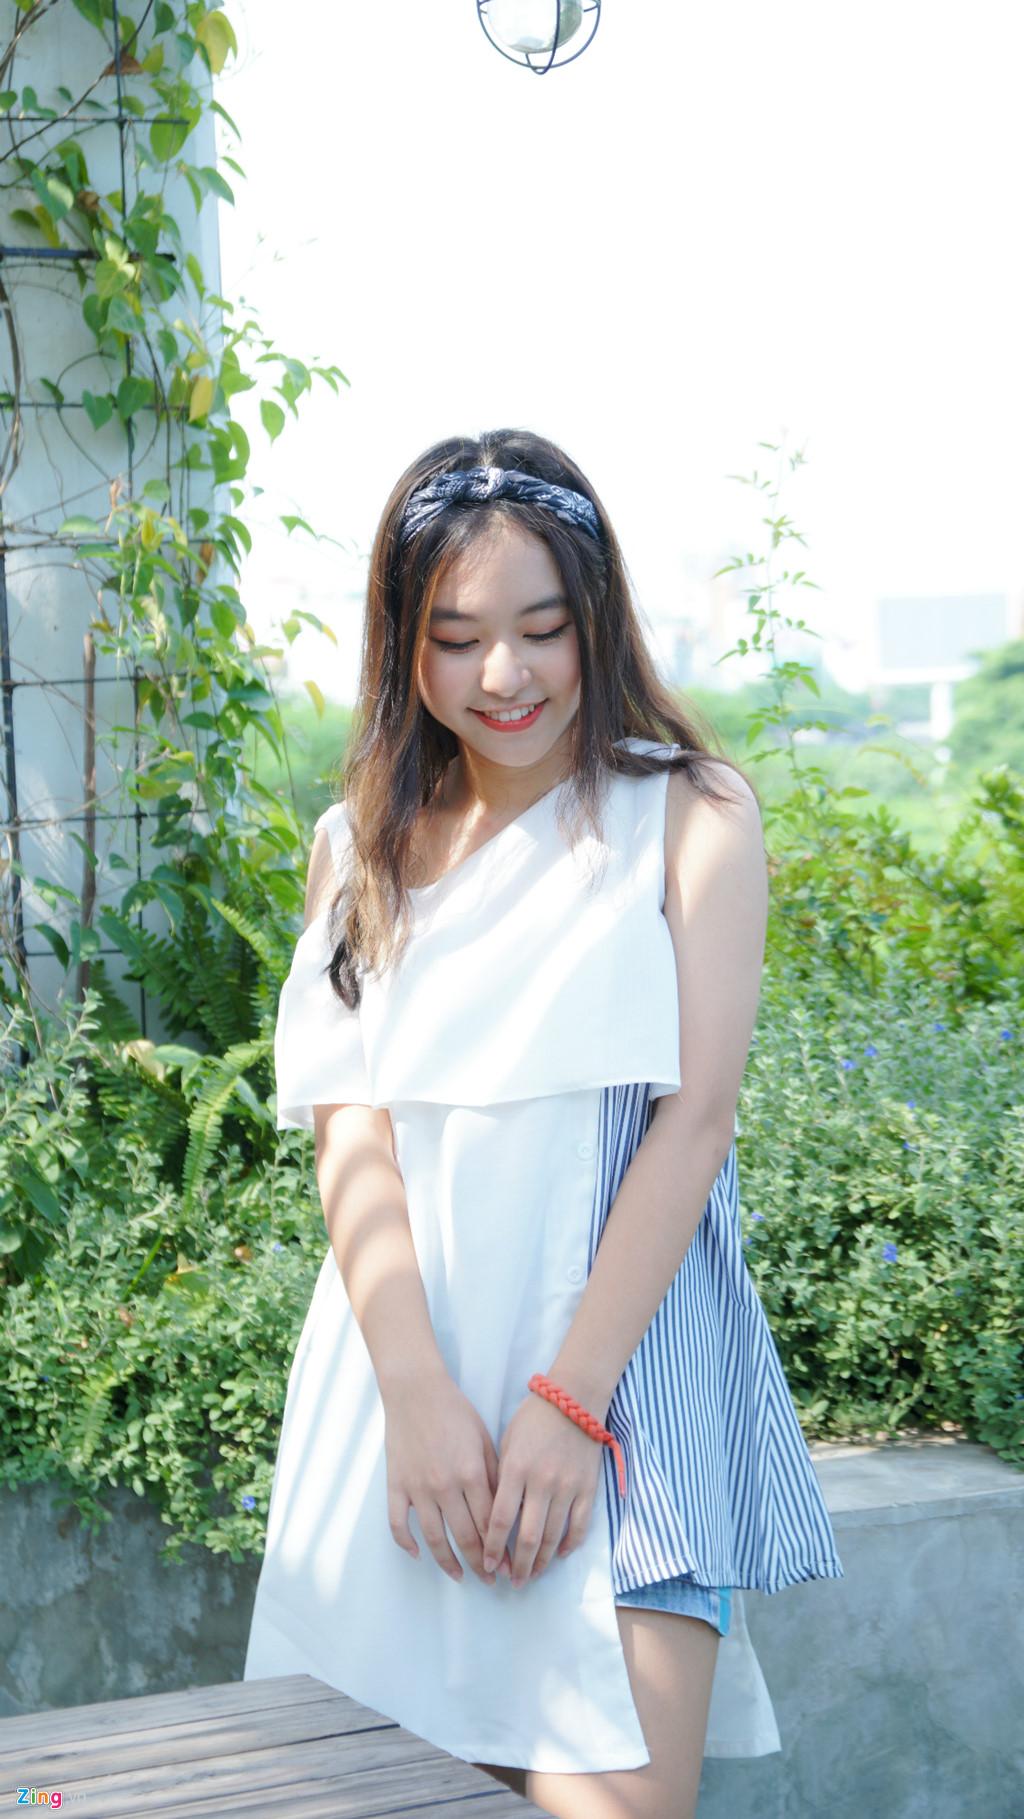 9X xinh dep dong MV cung My Tam, gioi 2 ngoai ngu, rat thich choi game hinh anh 12